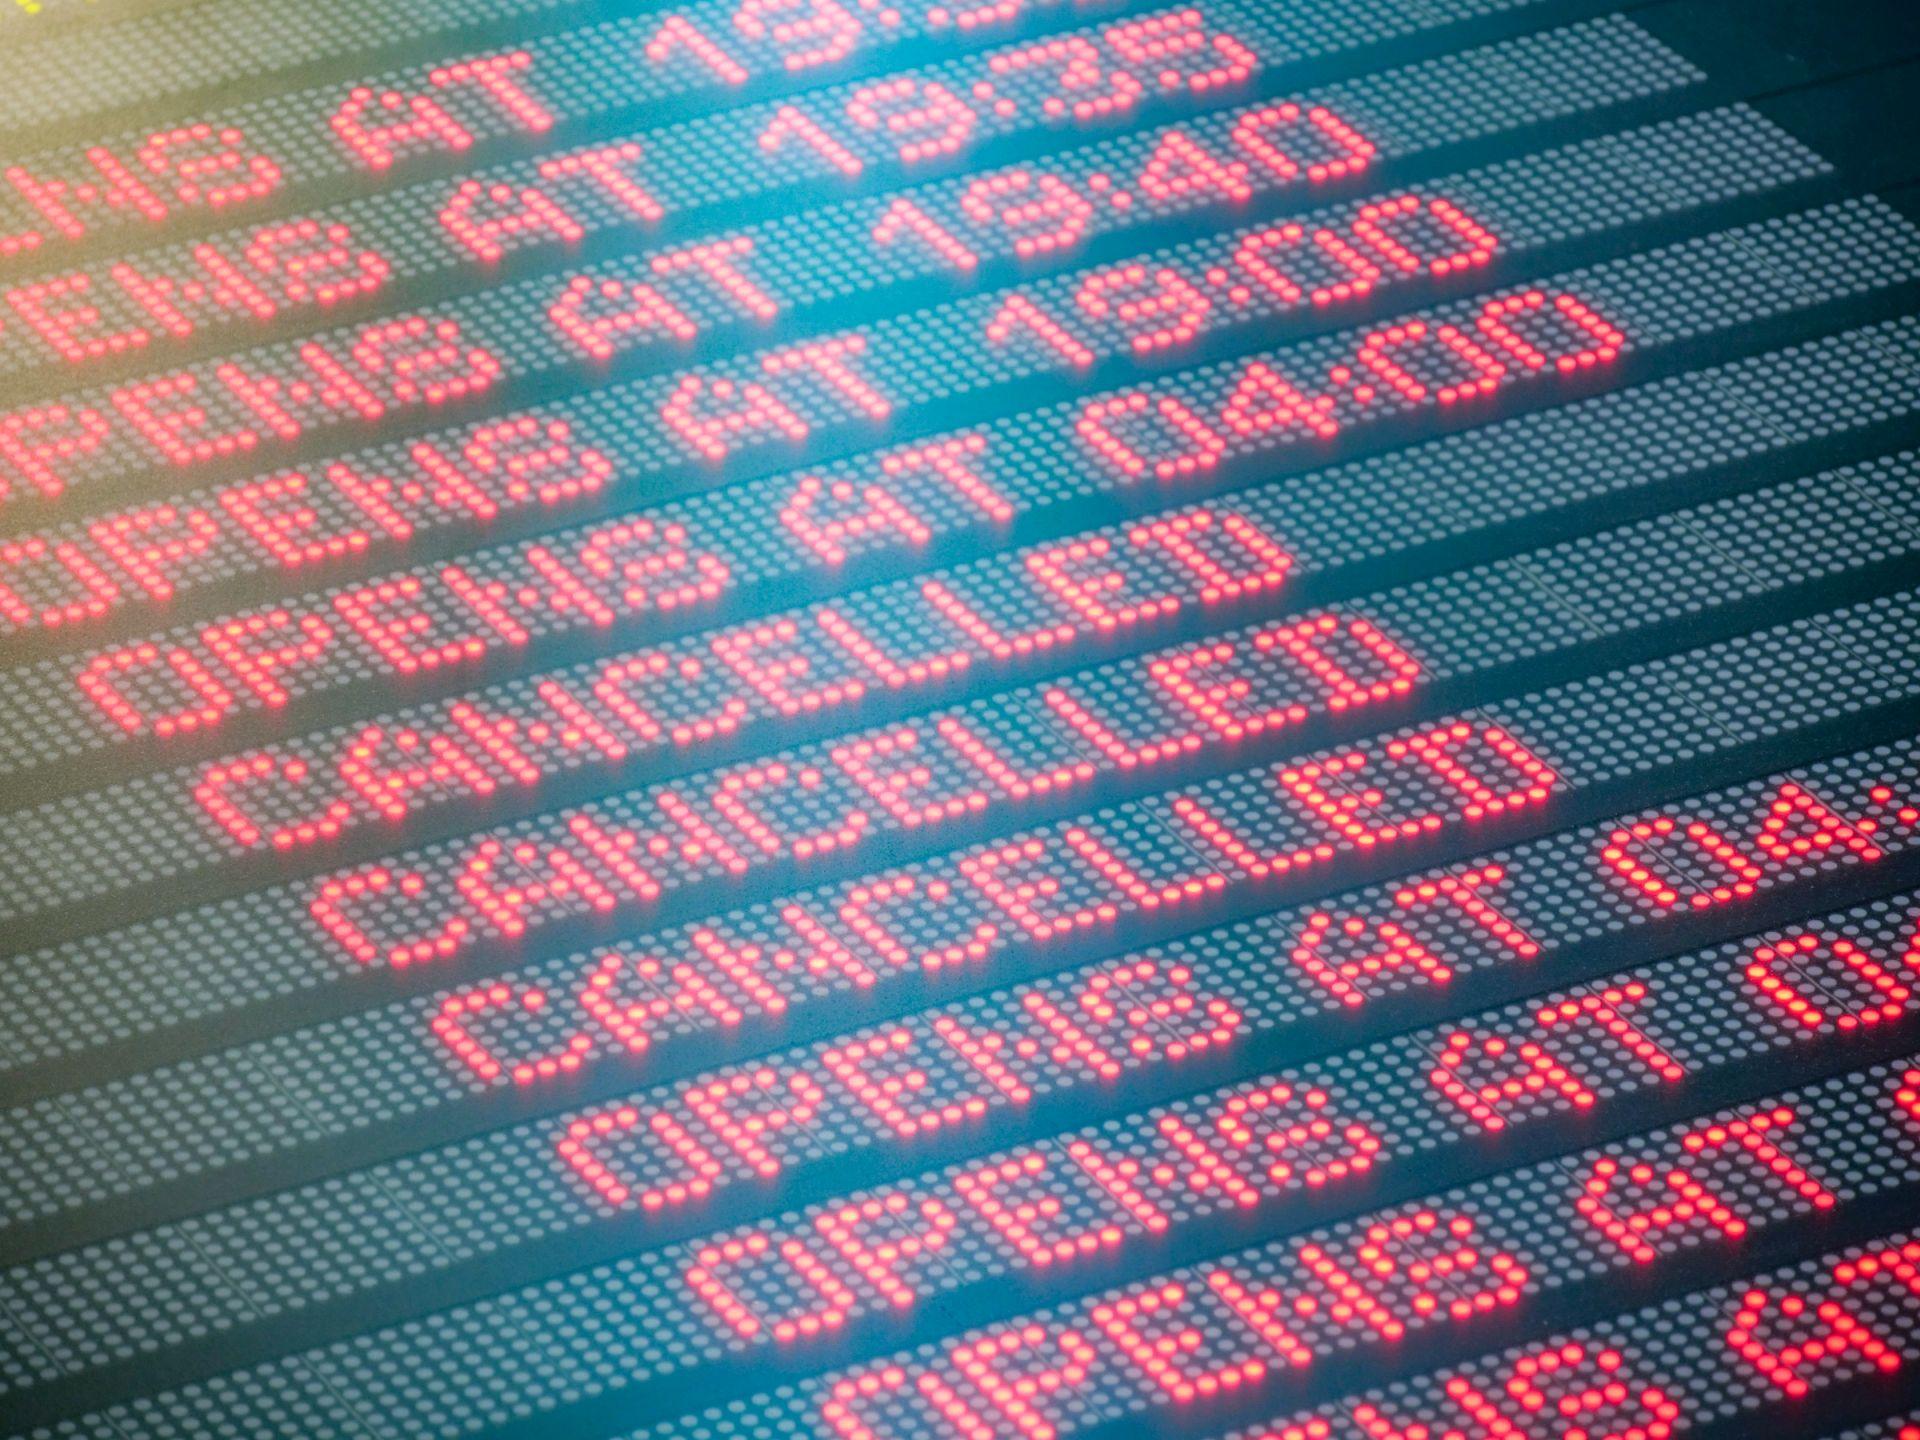 Velmi častý nápis posledních dní. Let zrušen. Foto: Rosťa Kopecký / Flyrosta.com